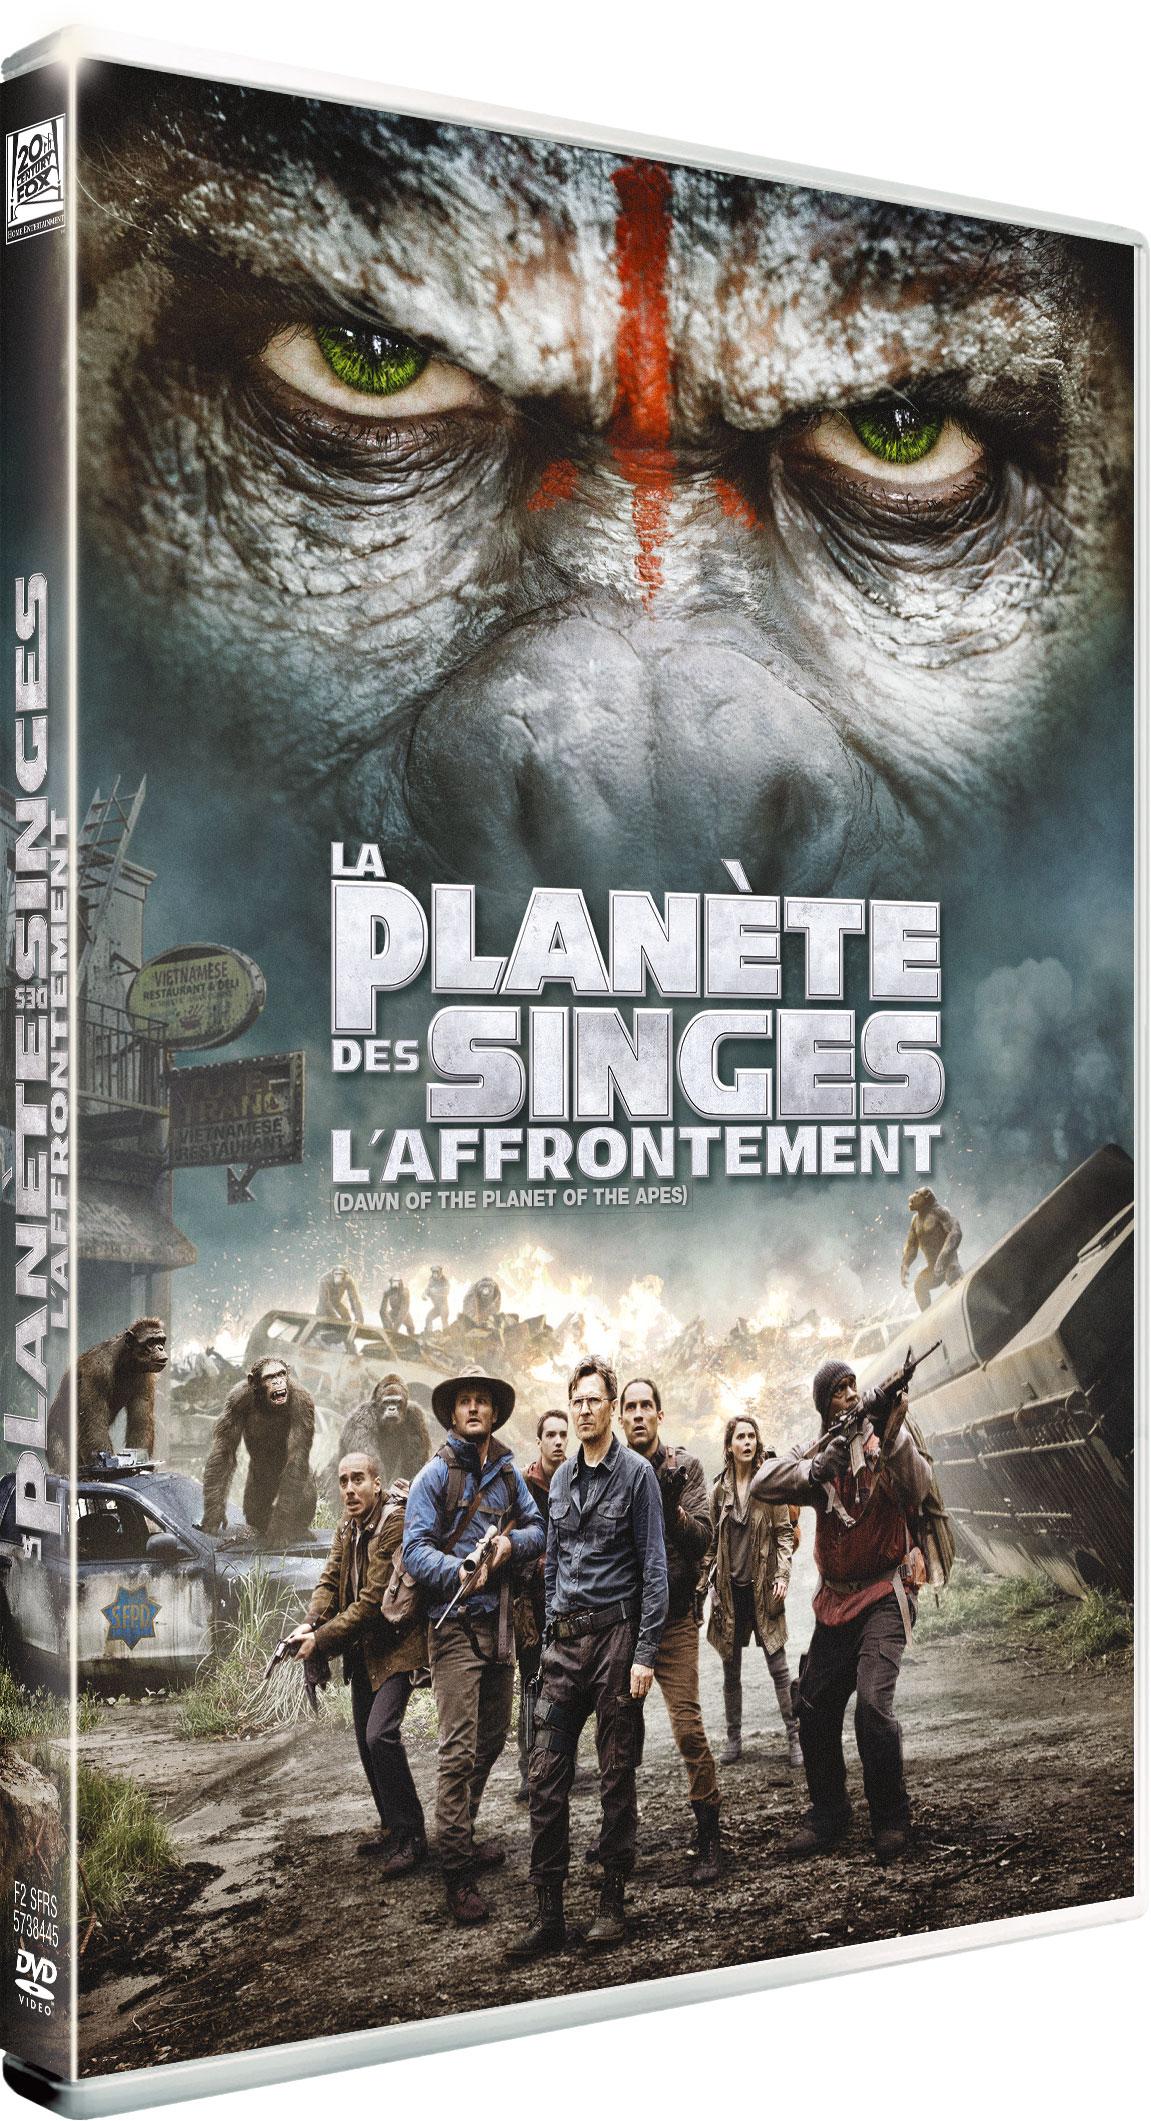 La Planète des singes : l'affrontement - DVD